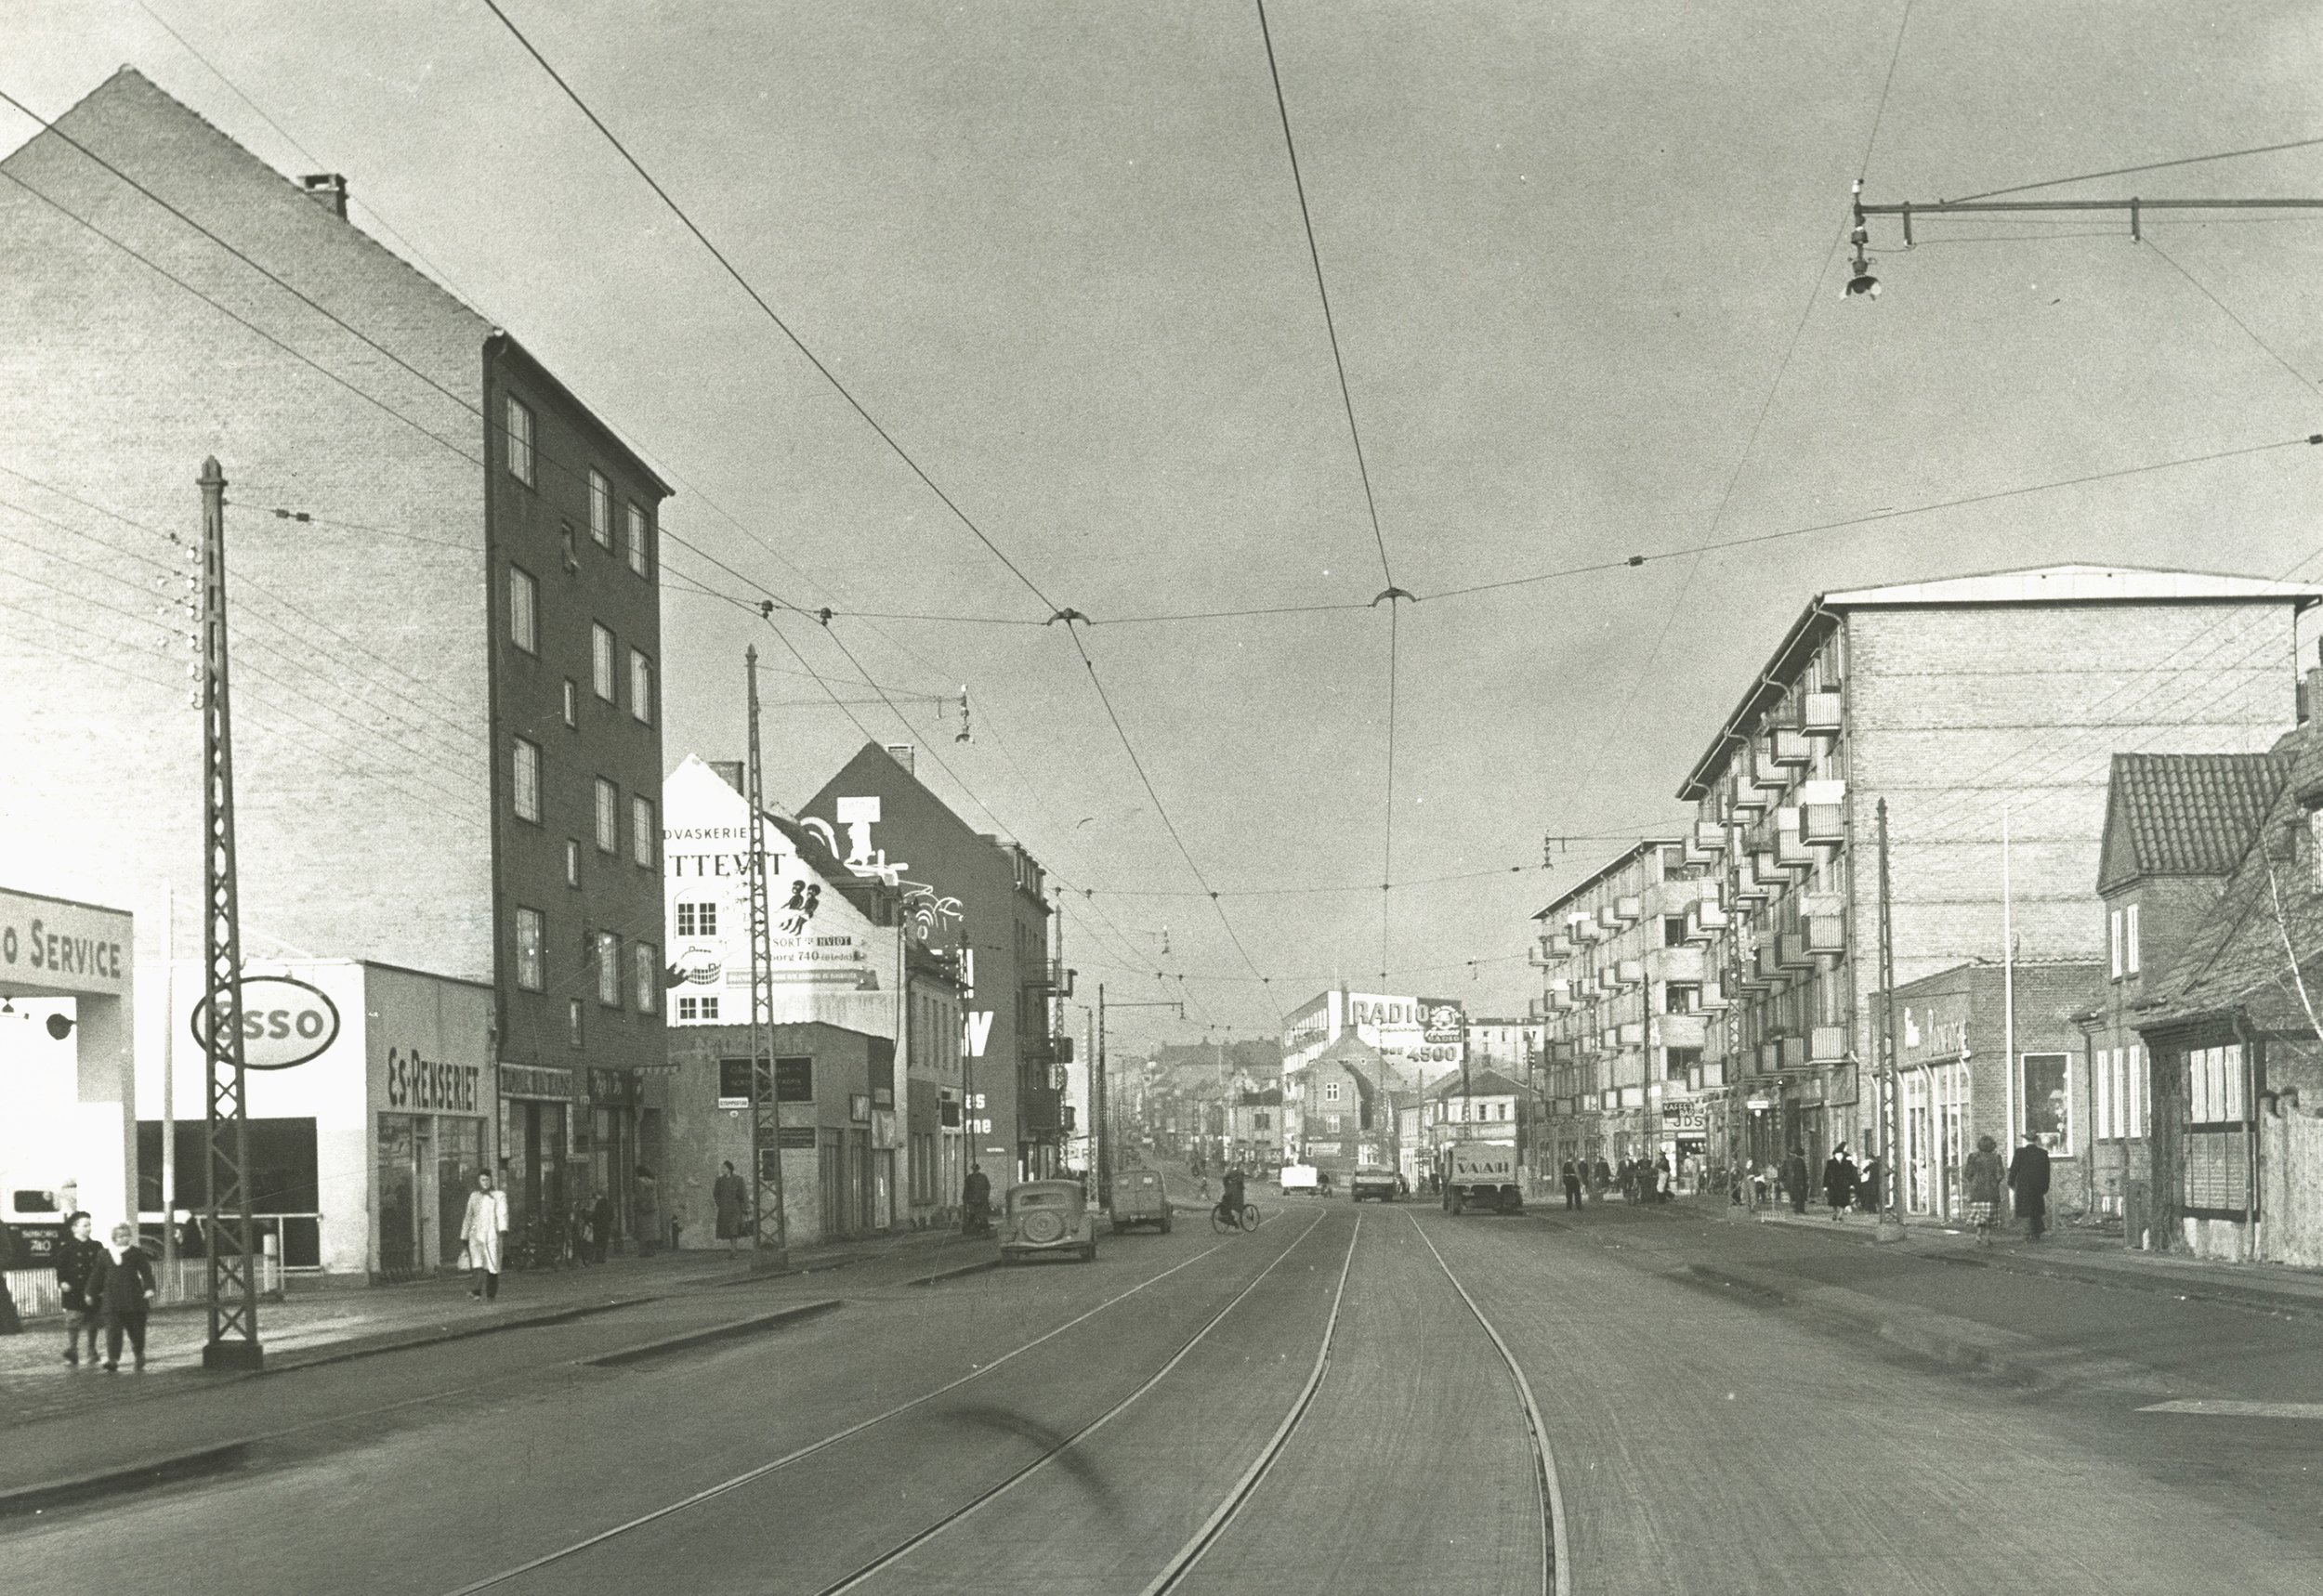 - Viebke & Wests rødder strækker sig tilbage til 1944, hvor malermester Erik Prag stiftede sit malerfirma på Søborg Hovedgade i Gentofte.Sønnen Henrik tog over indtil malerfirmaet blev solgt til malermestrene Ulf Viebke og Pilip West, der drev virksomheden videre fra Virum og senere Rødovre.Fra at starte som en mindre familievirksomhed er Viebke & West i dag vokset til at være en af Københavns største malerfirmaer med ca. 60 ansatte.